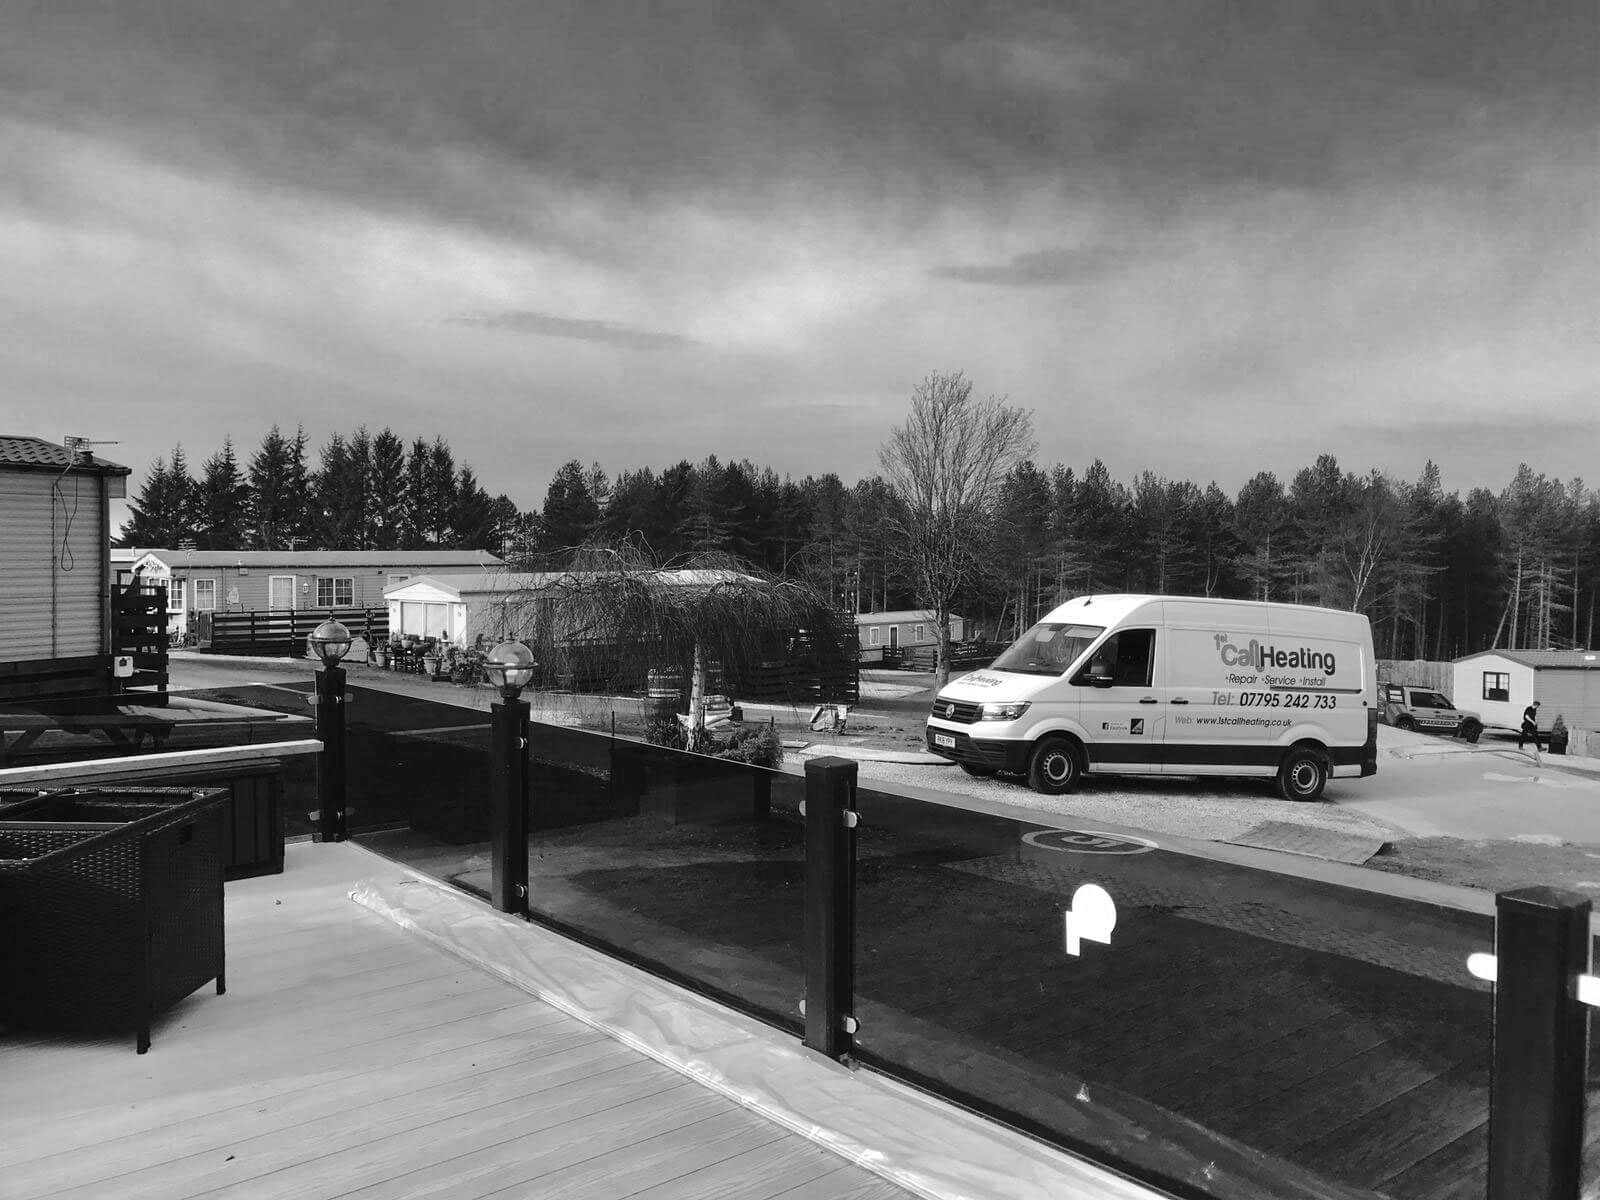 1st call heating & drainage - Van on caravan site